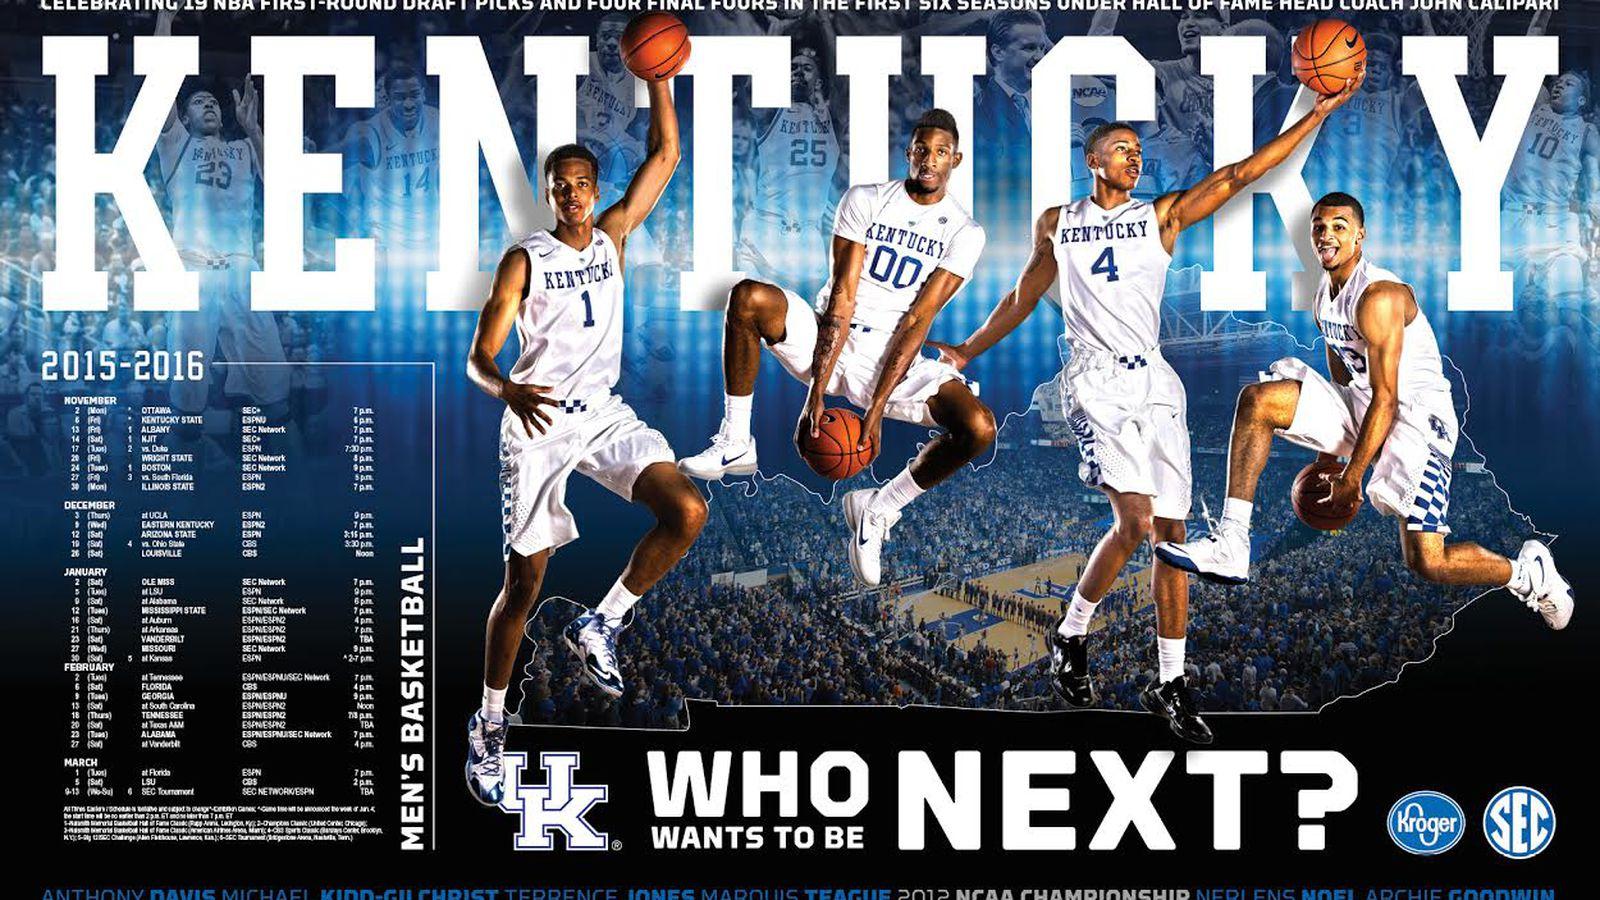 Kentucky Wildcats Basketball Full 2015 16 Schedule: Kentucky Wildcats Basketball Posters Unveiled; How You Can